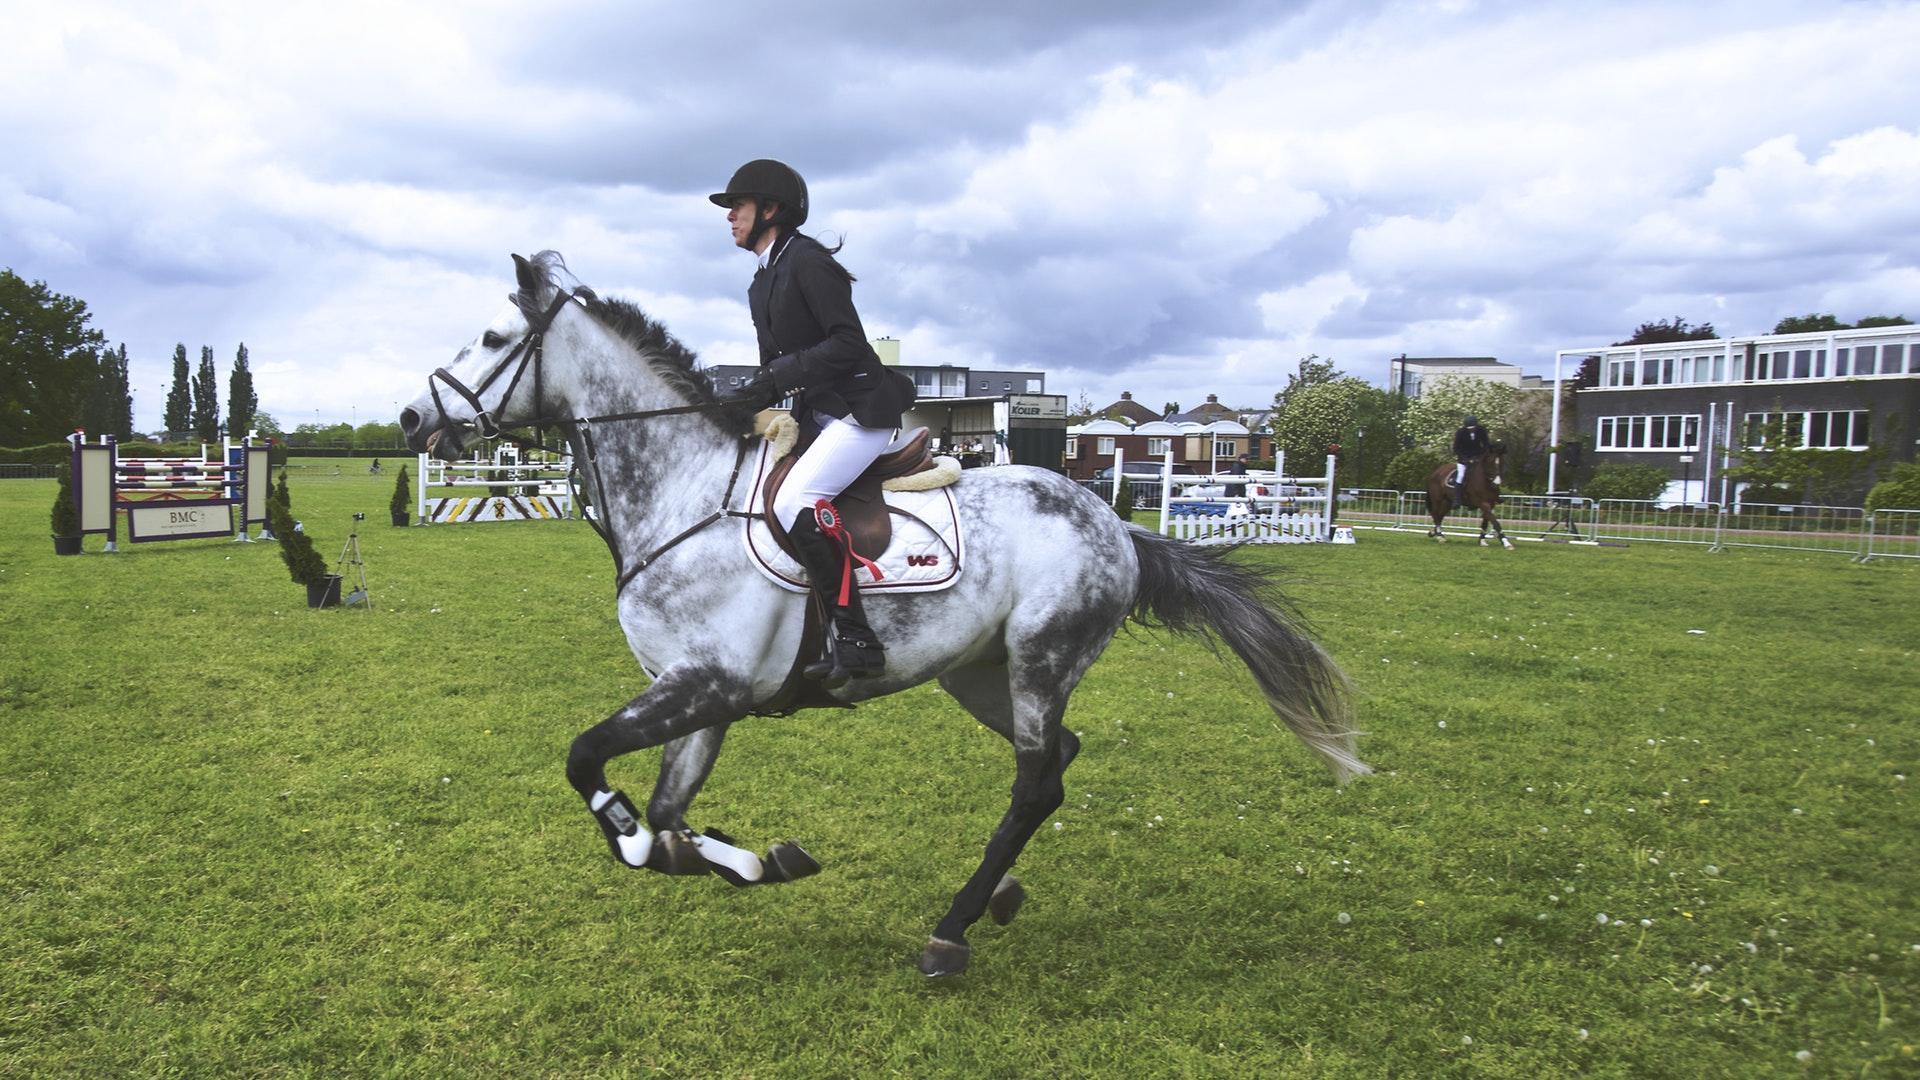 Hevoset ja ratsastus urheilulajina